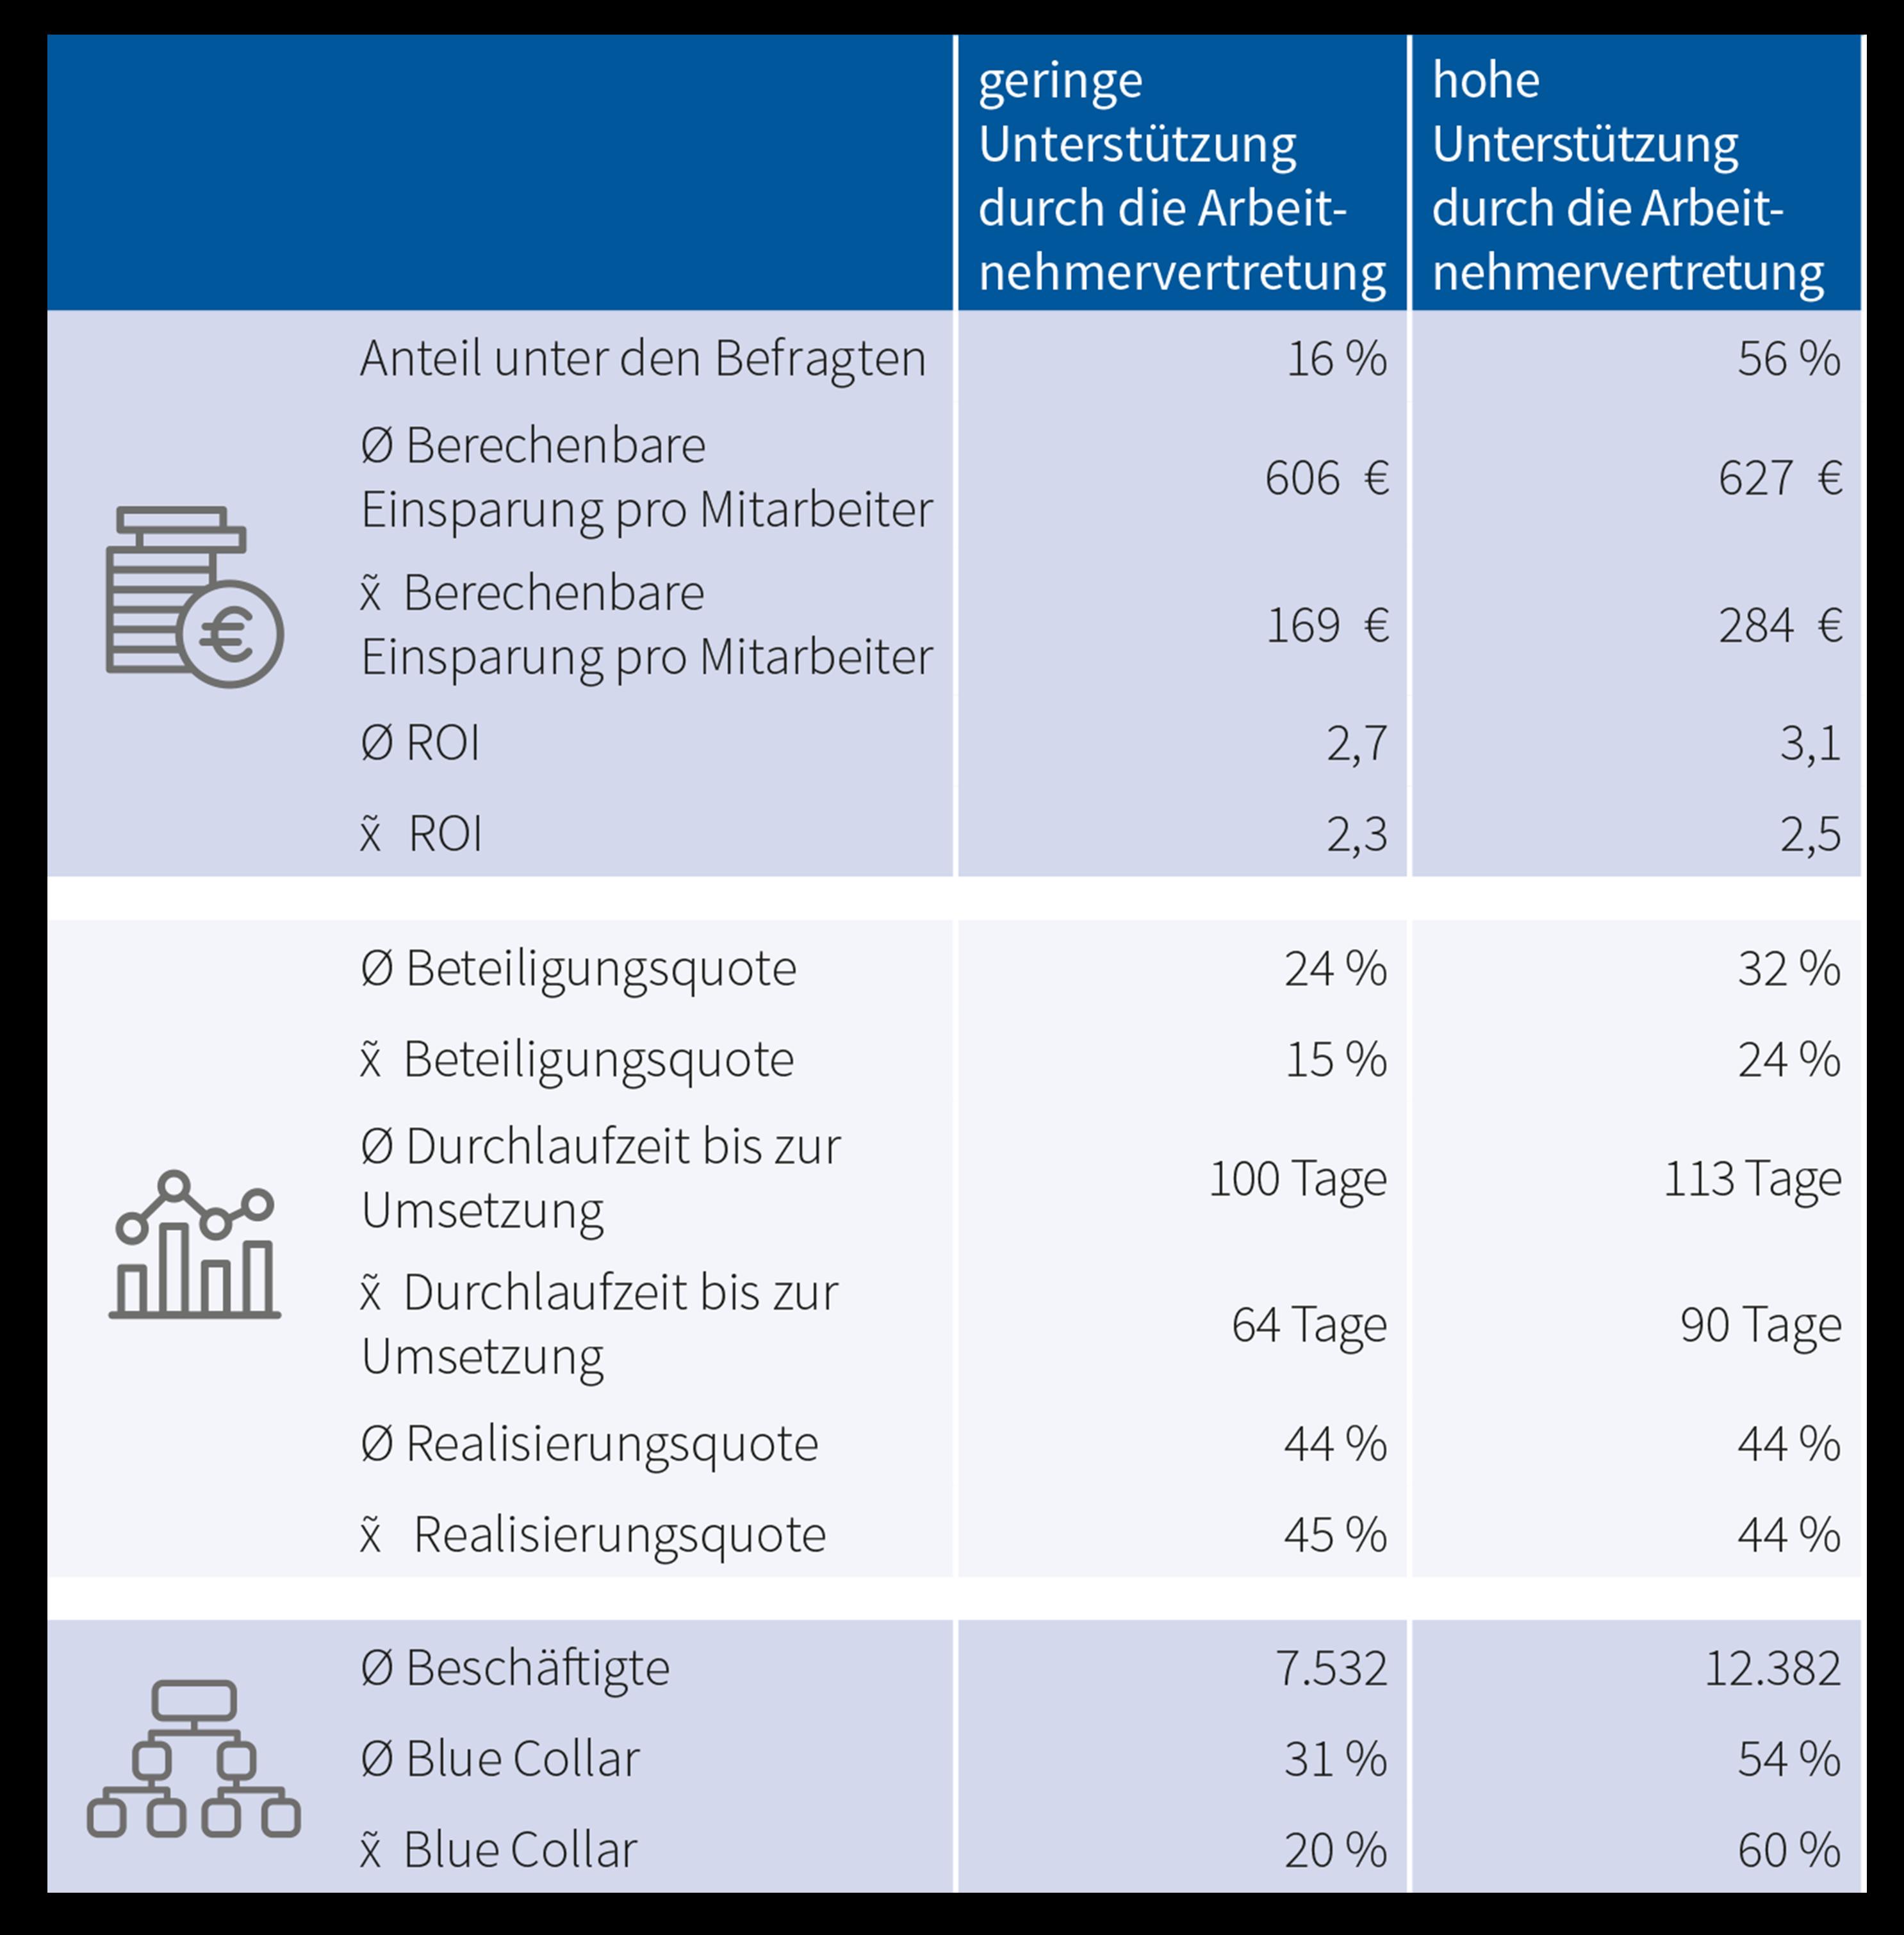 Tabelle 21_Statistische Auswertung zur Unterstützung durch die Arbeitnehmervertretung